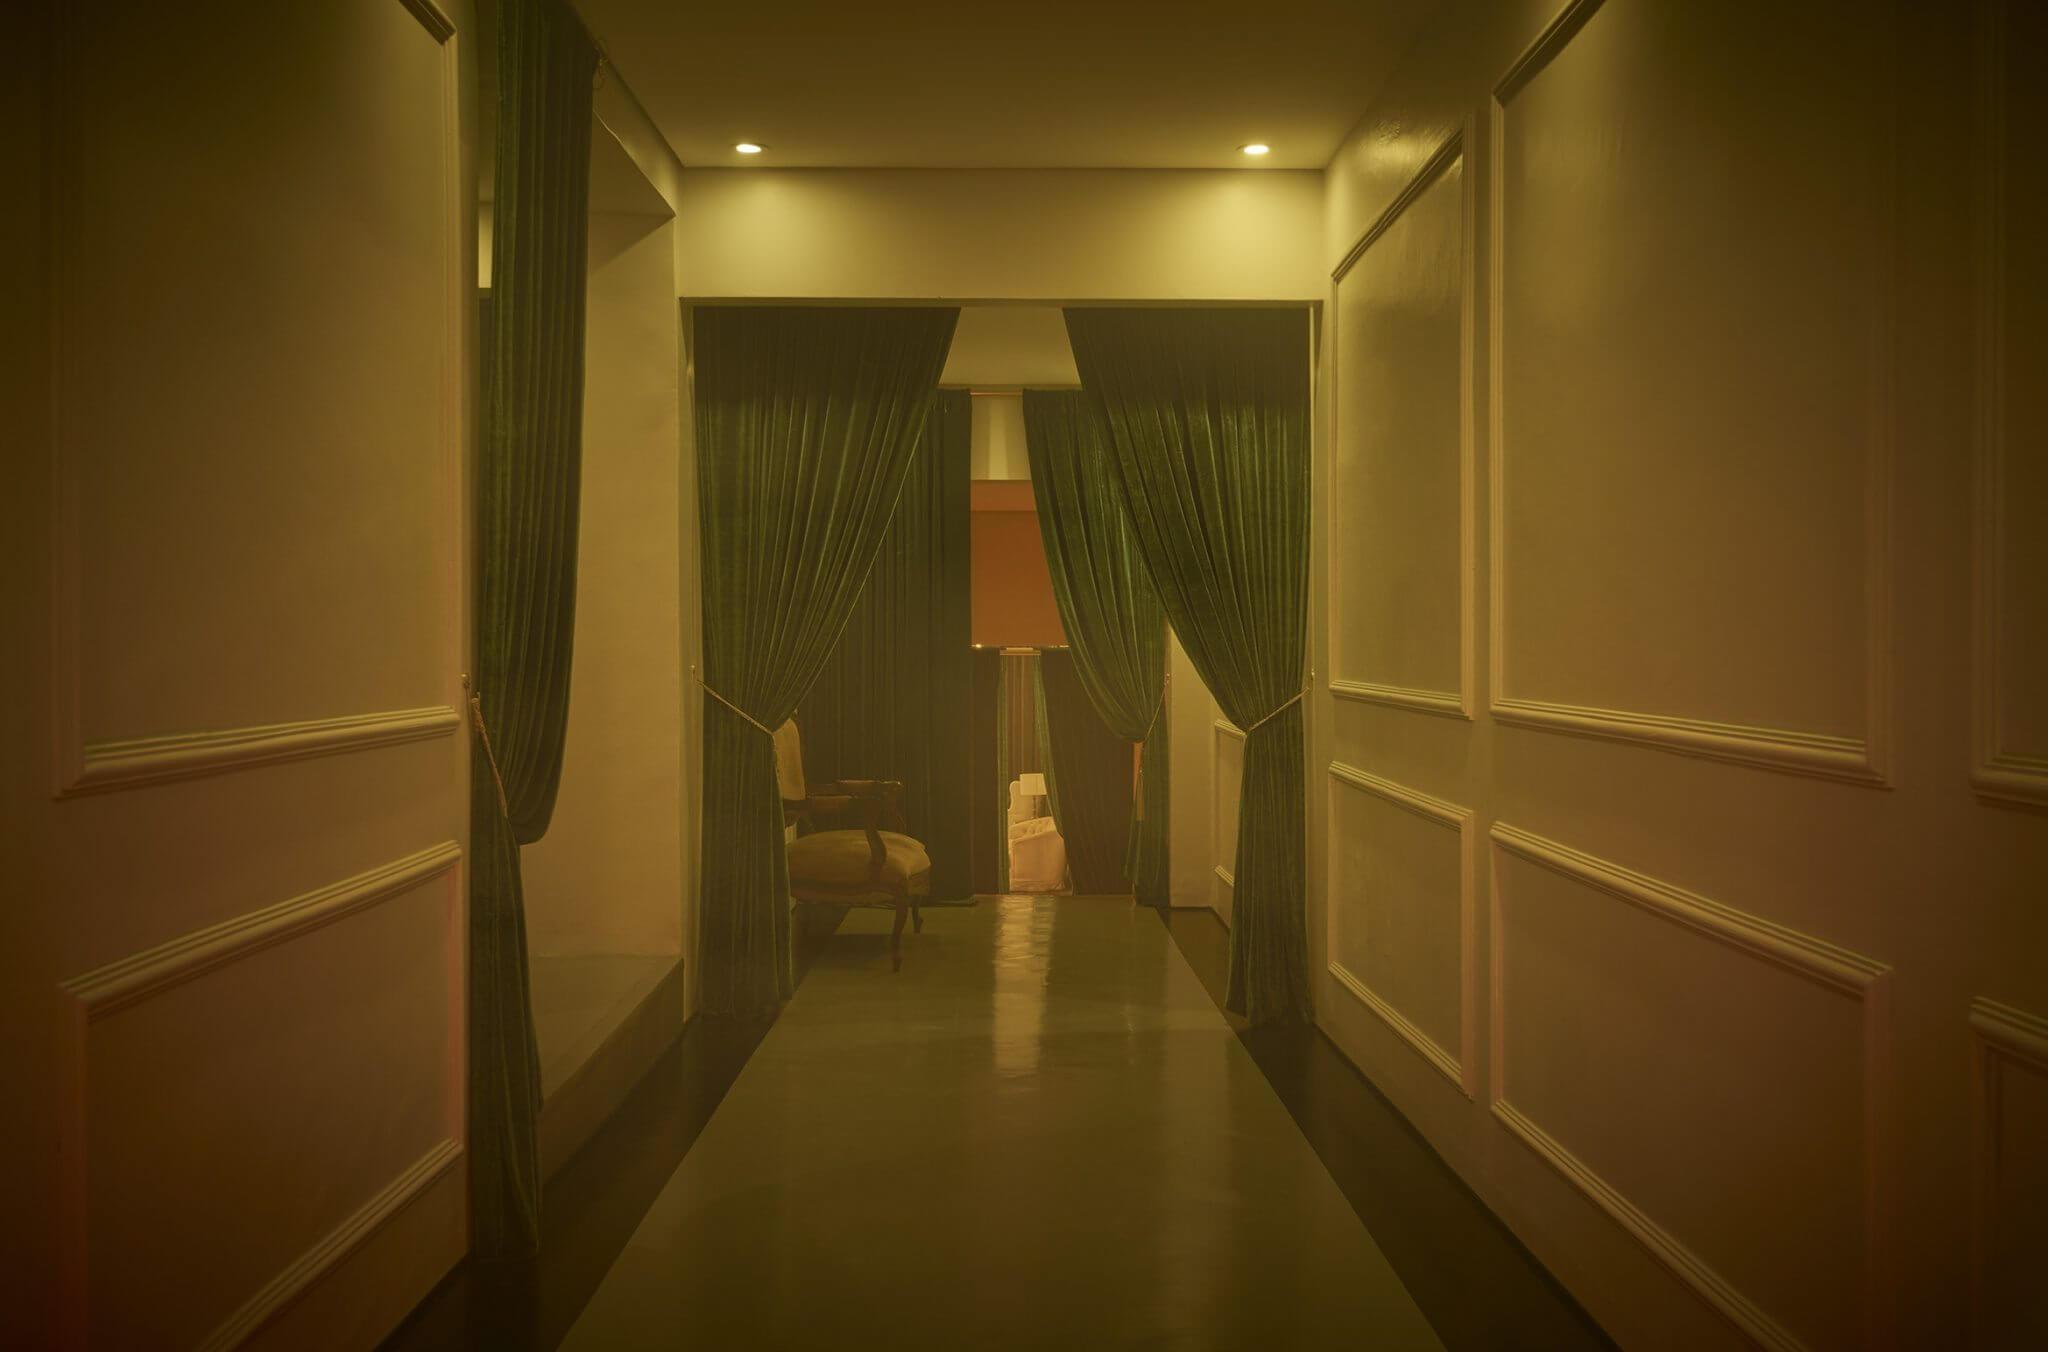 escape hotel corredor foto paulo risi